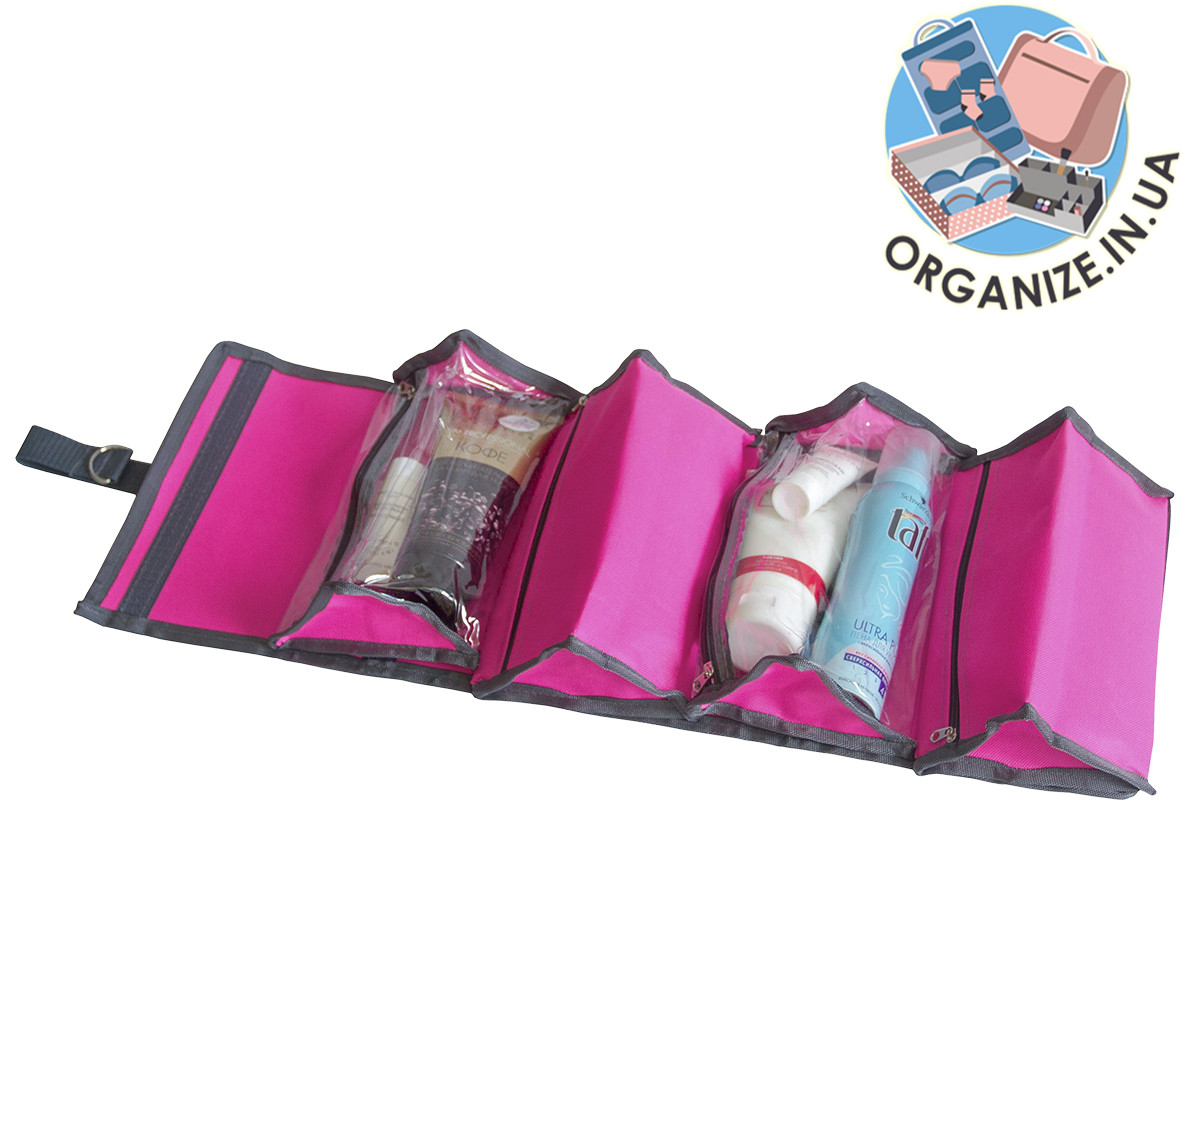 Органайзер-трансформер 4 в 1 со съемными косметичками ORGANIZE (розовый)